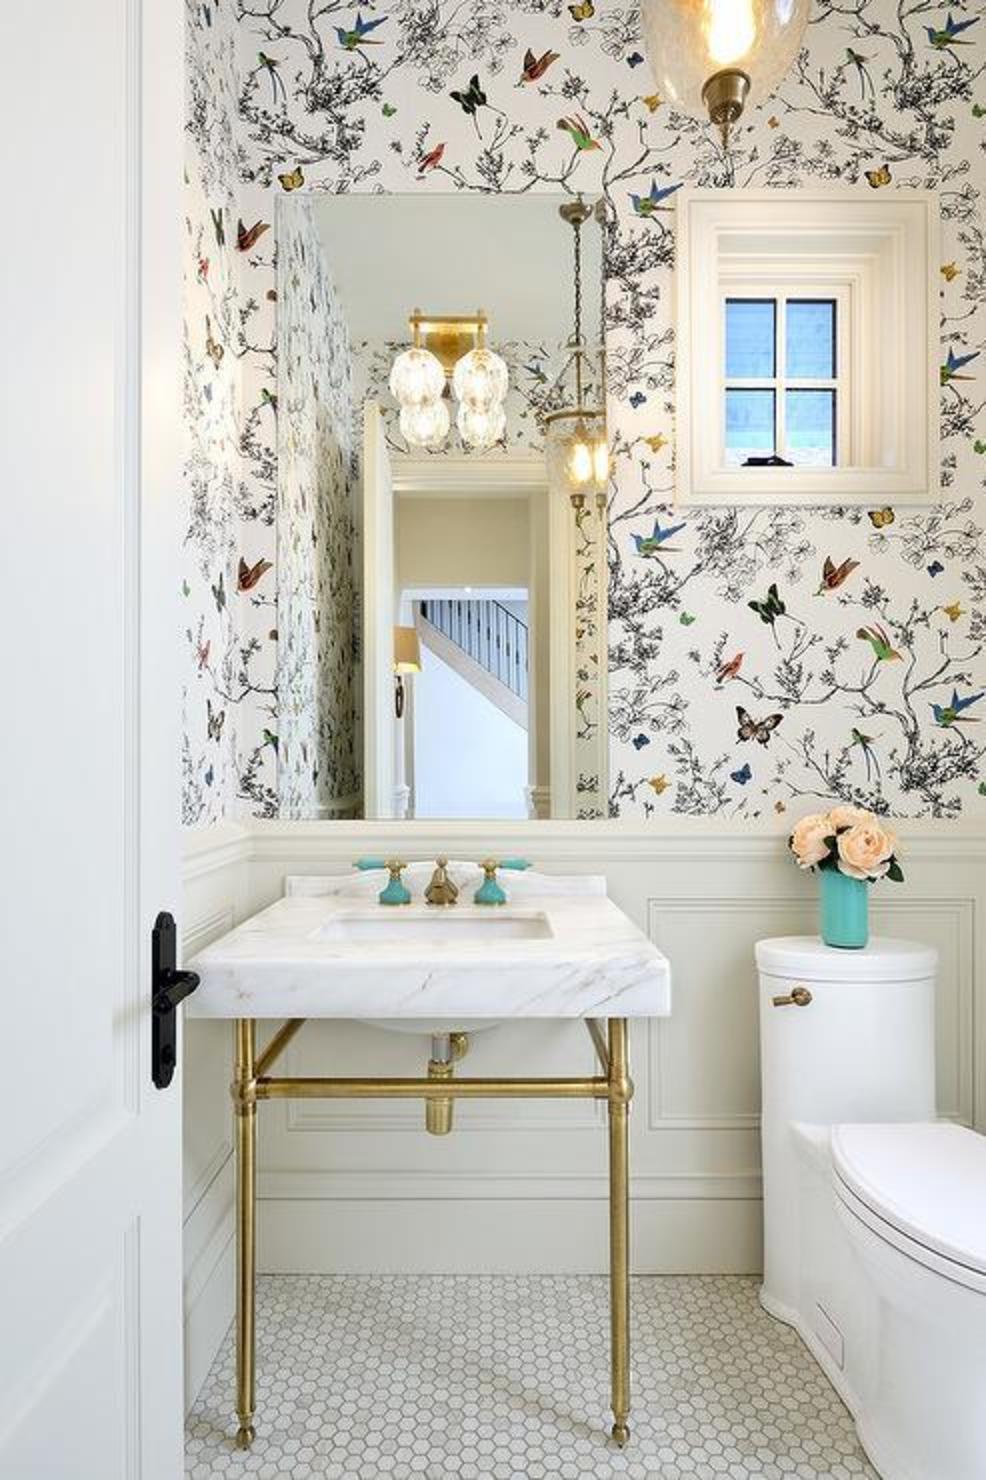 Schumacher bathroom design with Birds & Butterflies print wallpaper